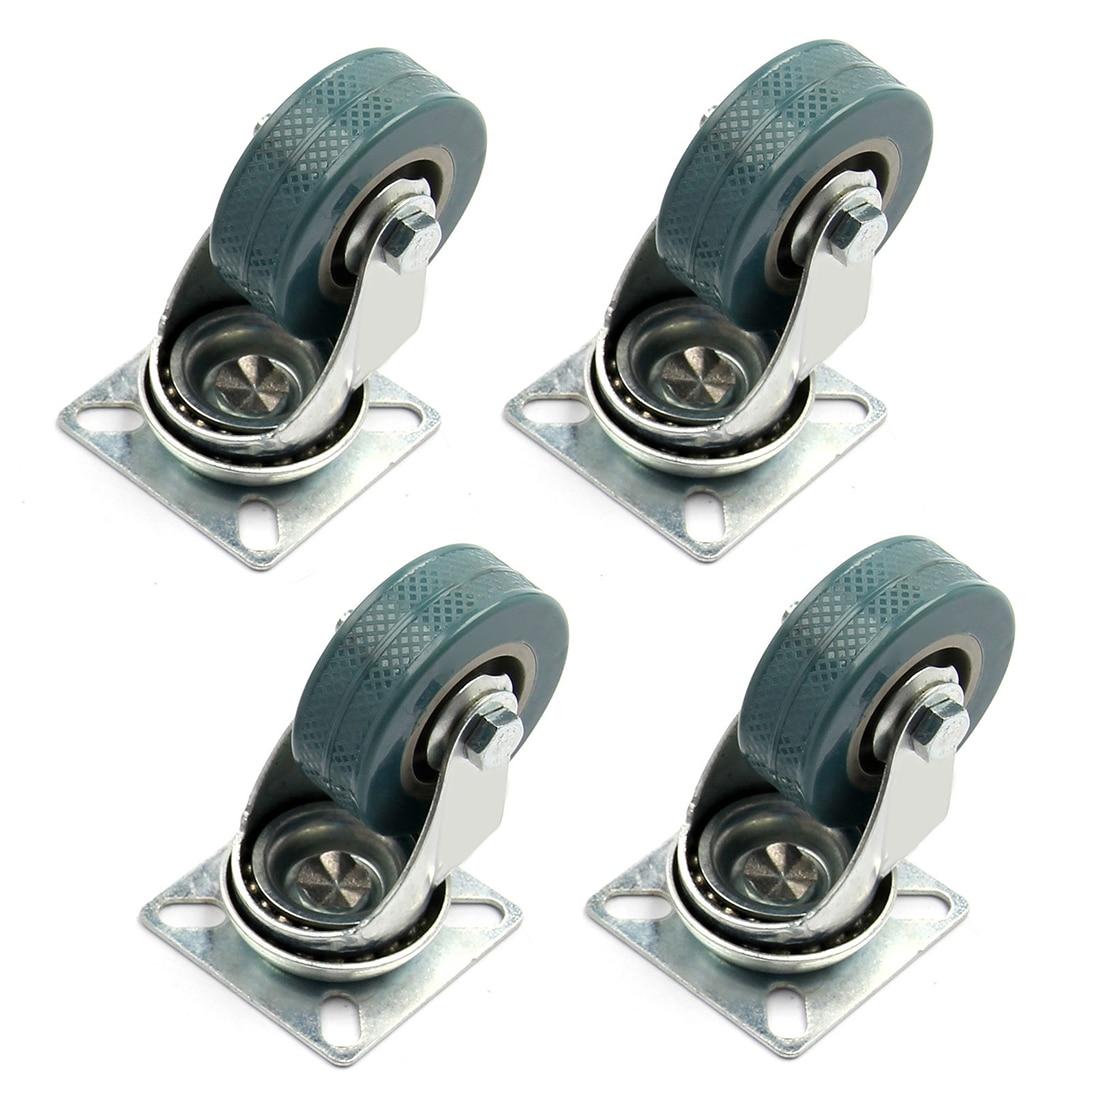 4 X Heavy Duty 50x17mm Rubber Swivel Castor Wheels Trolley Furniture Caster  Brake(China (